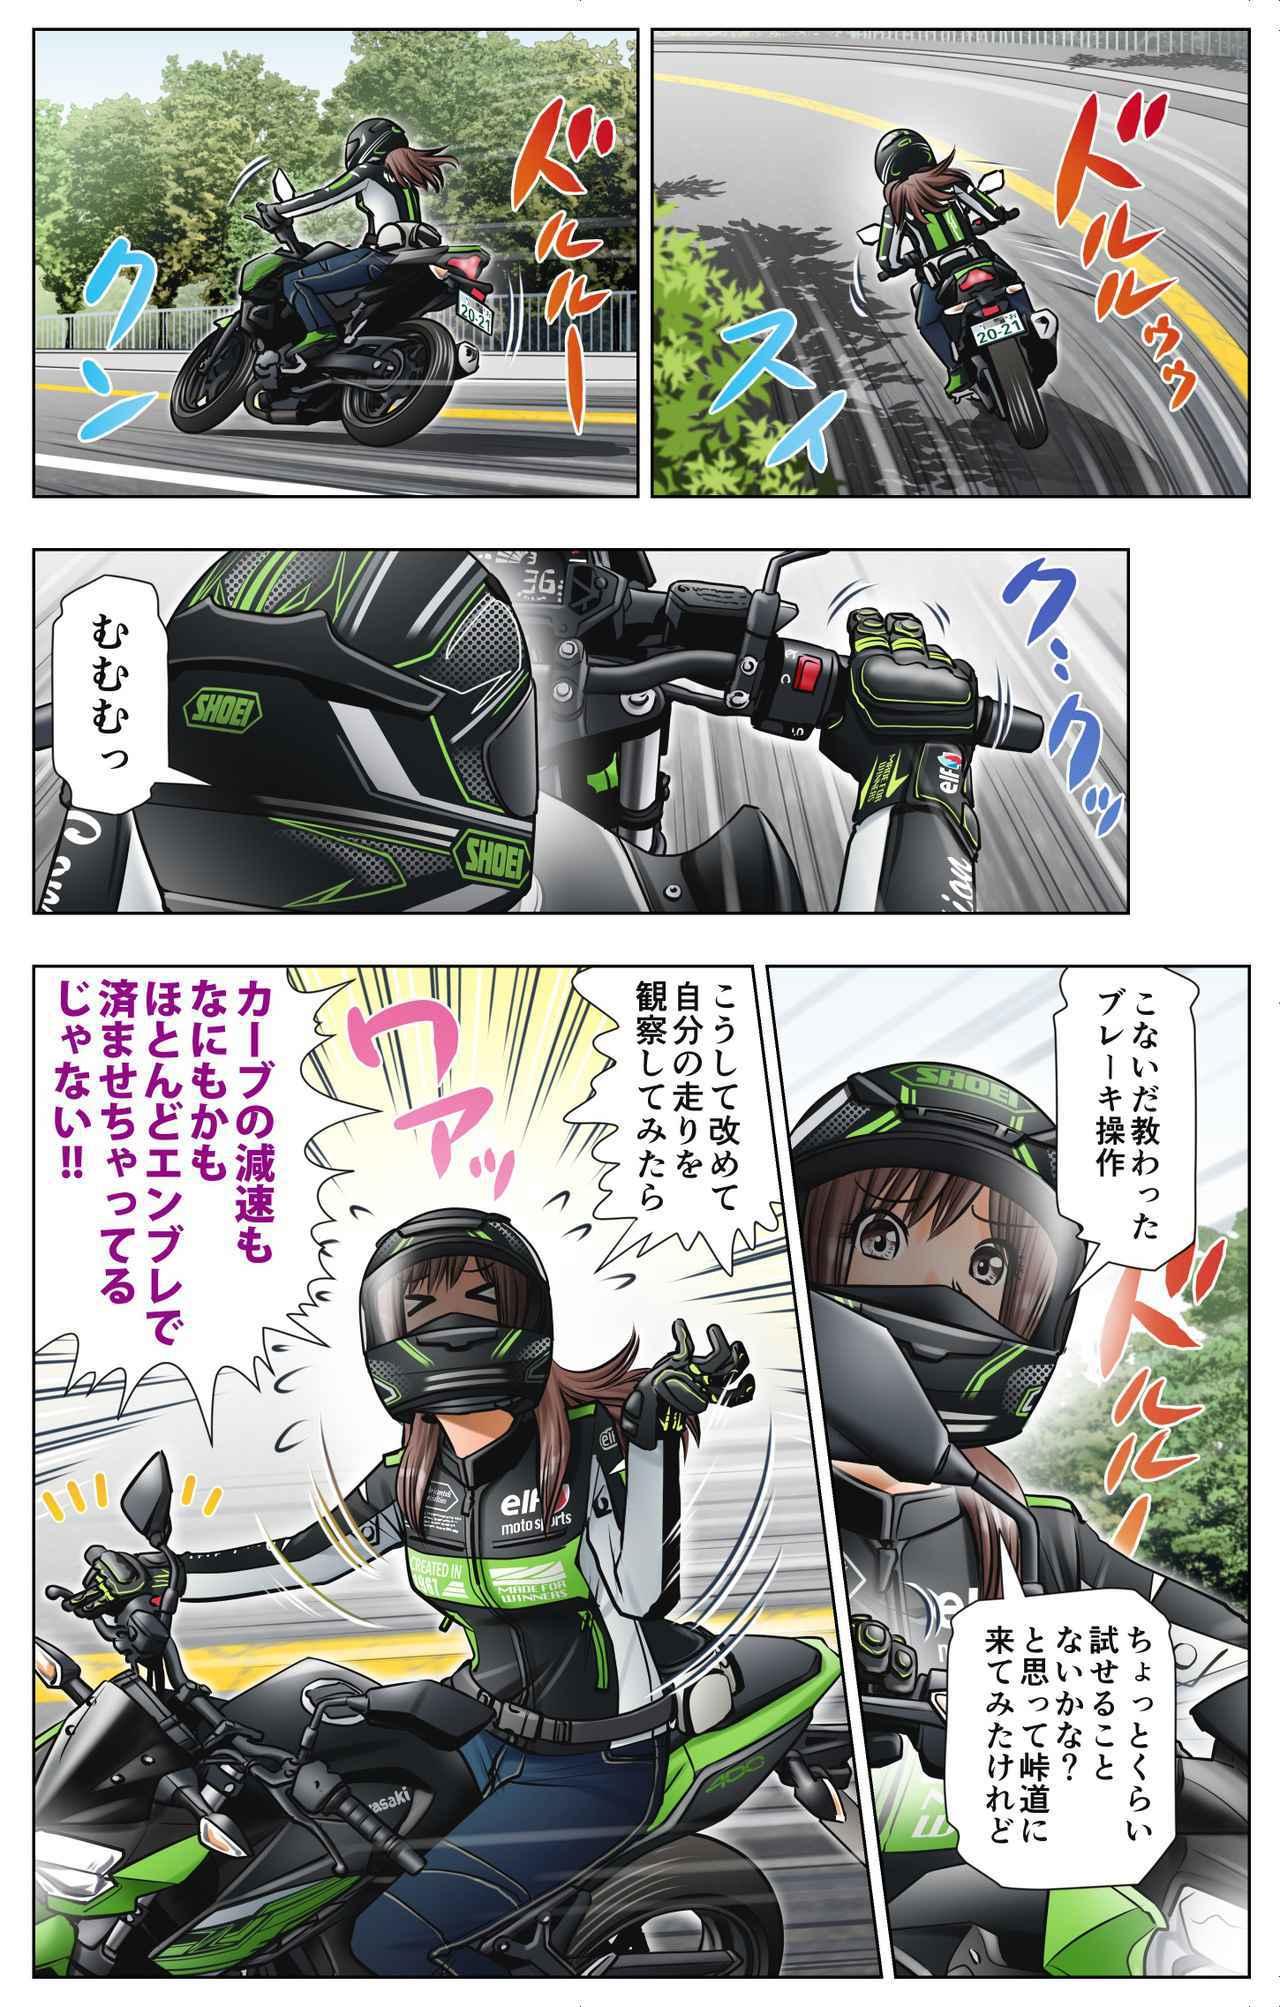 第22話 エンジン・ブレーキとはなんぞや?/ゆる~くライテク談義『モトシーカーズ・カフェへようこそ!』